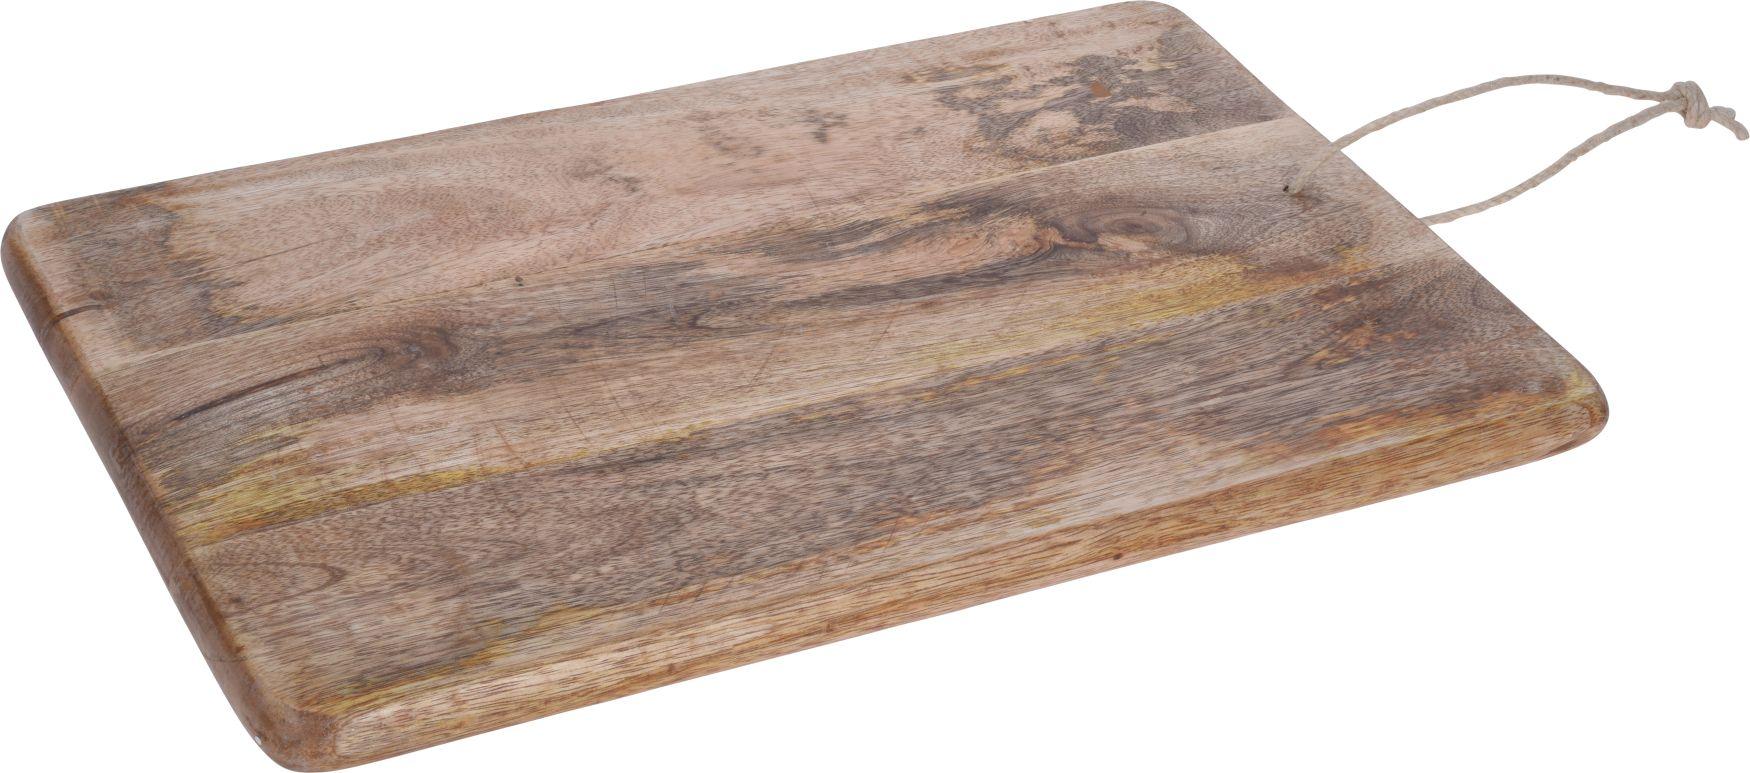 houten_snijplank